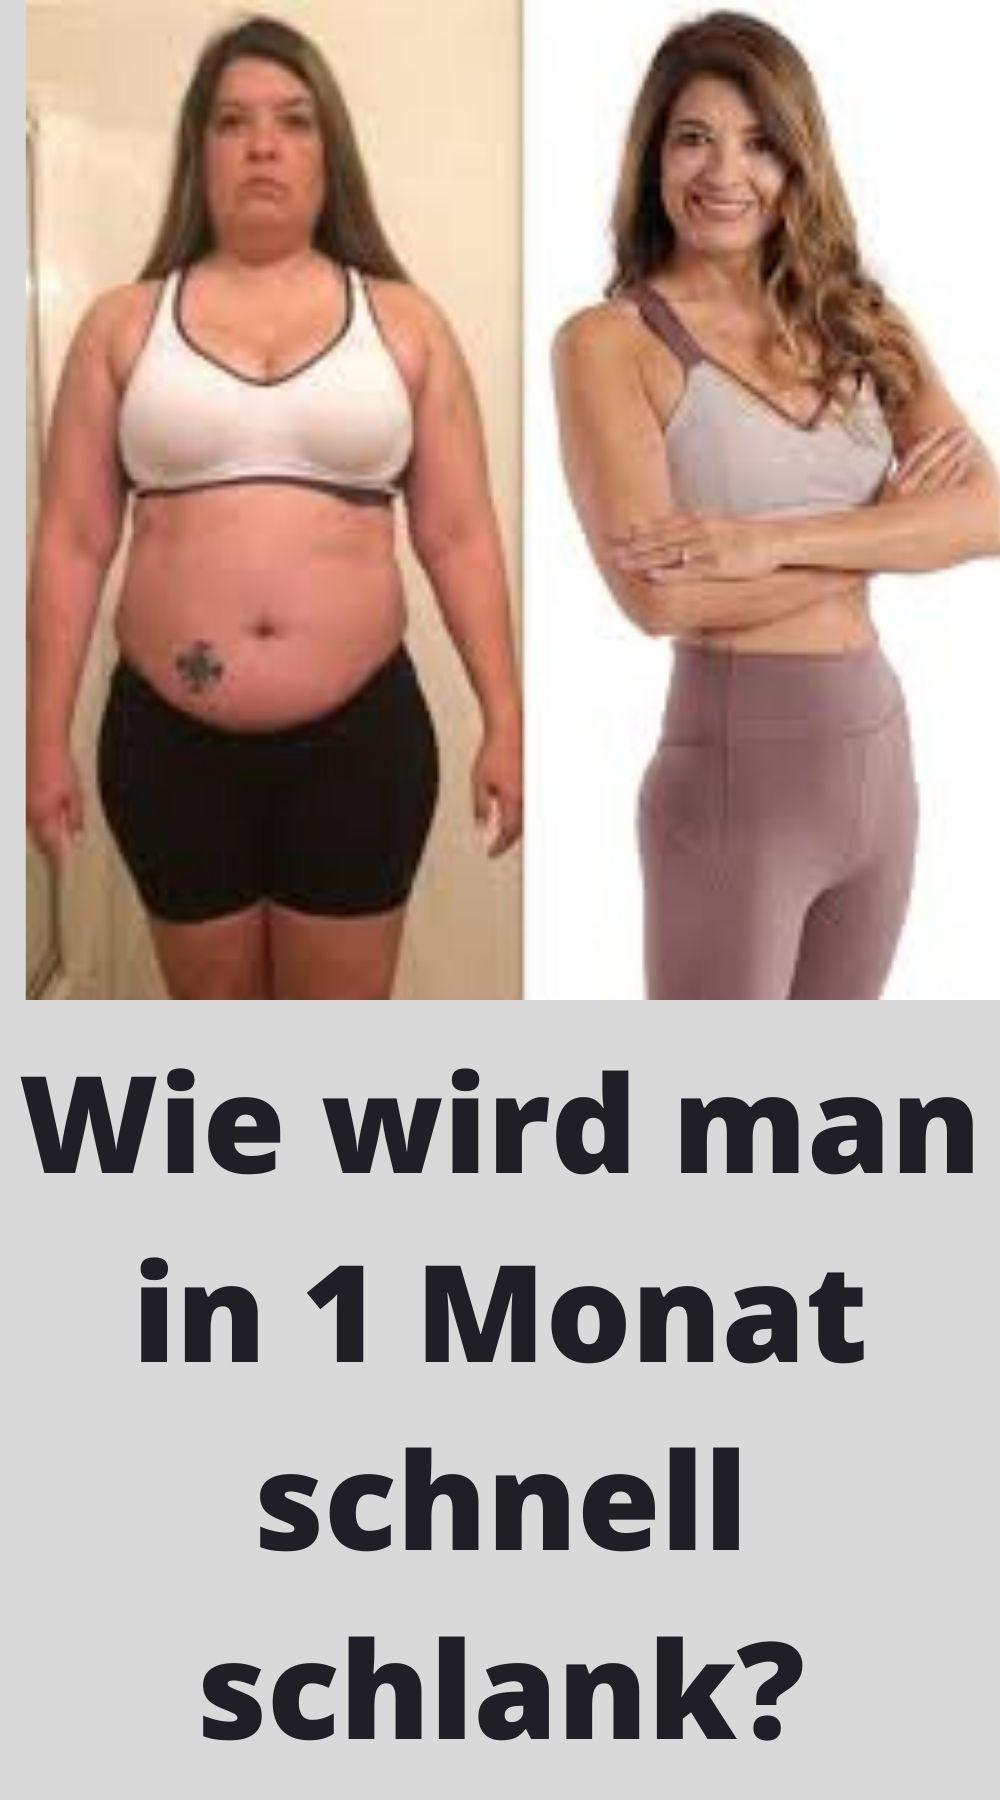 wie viel fett in 1 monat abnehmen